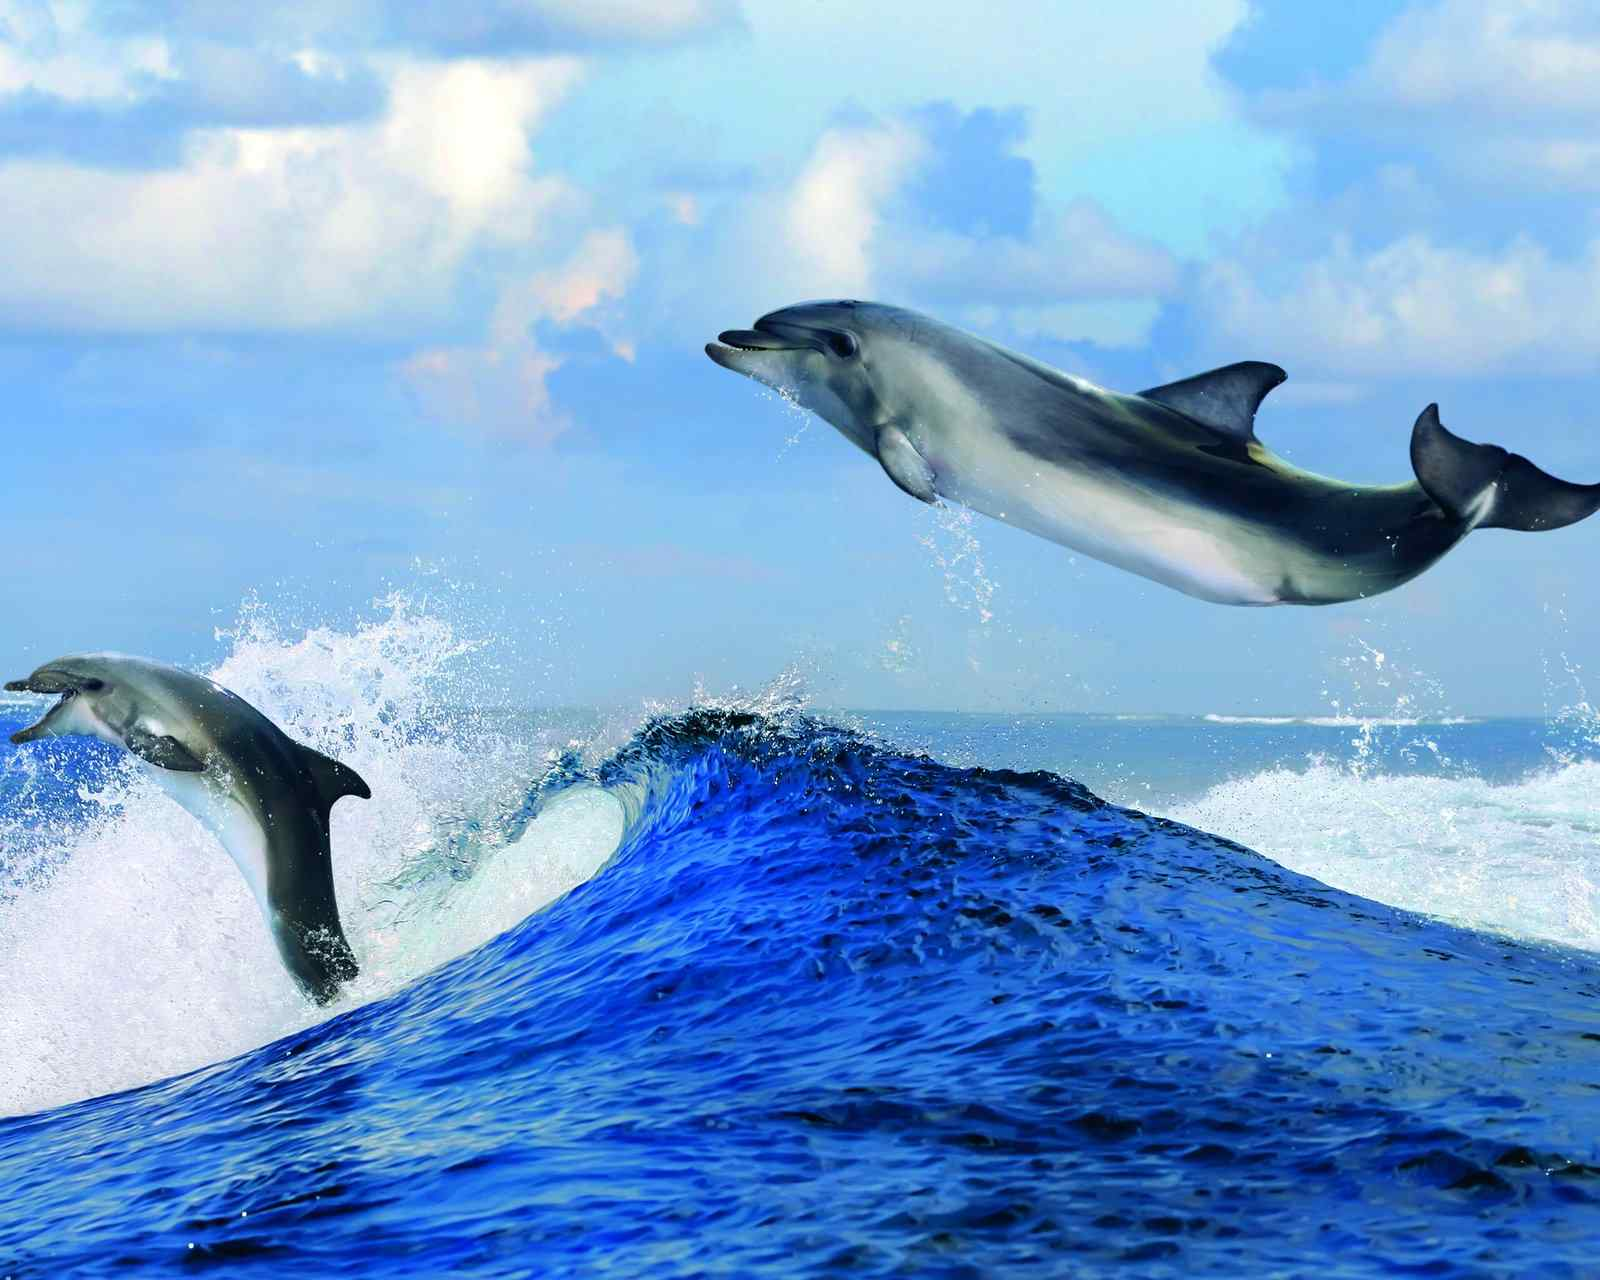 可爱动物海豚图片高清手机壁纸下载